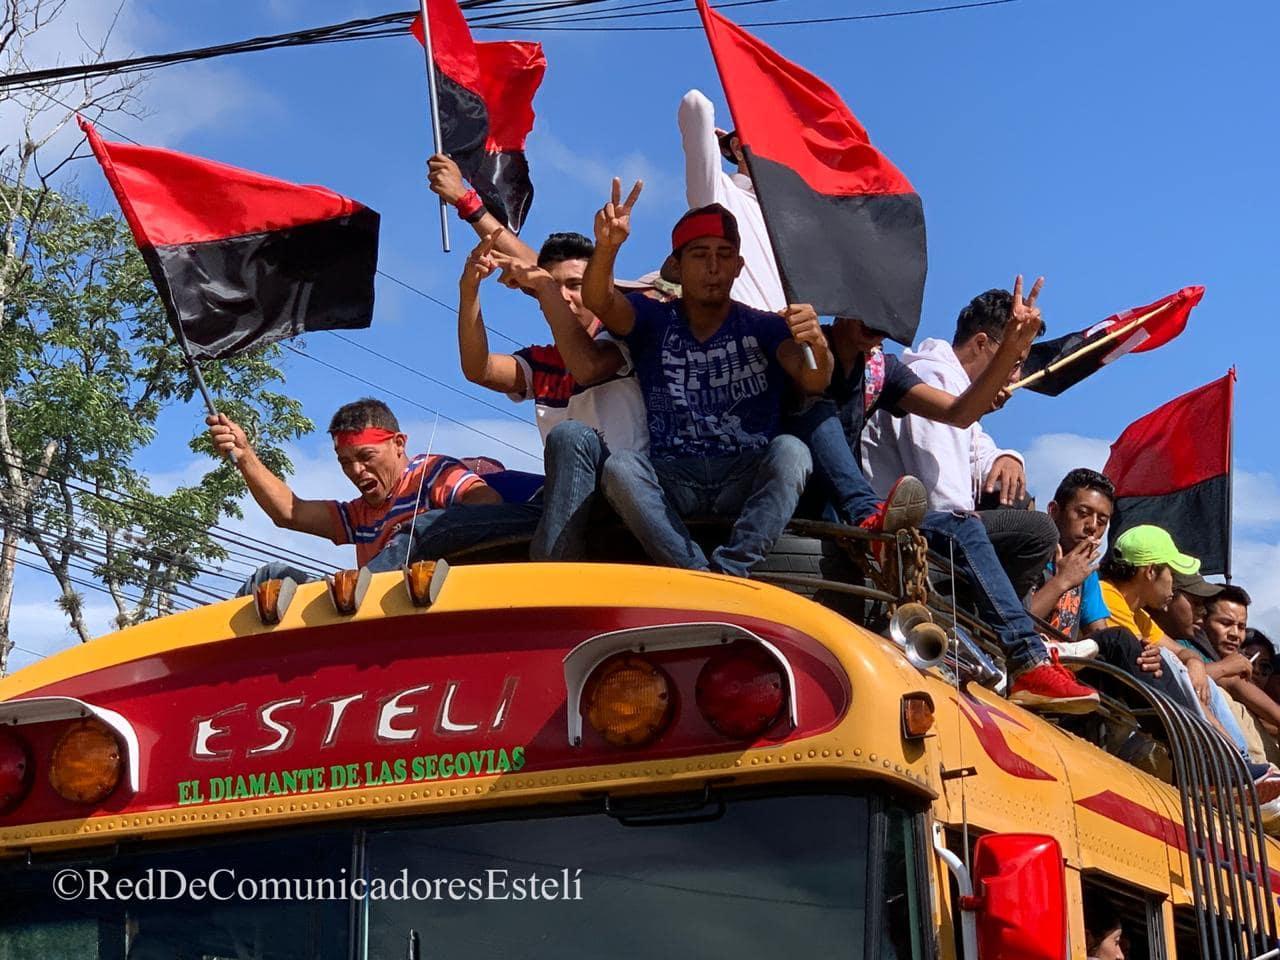 La Alcaldía de Estelí durante 2018 y 2019, pagó un total de 1.20 millones de córdobas en el servicio de transporte. Foto: Red De Comunicadores de Estelí